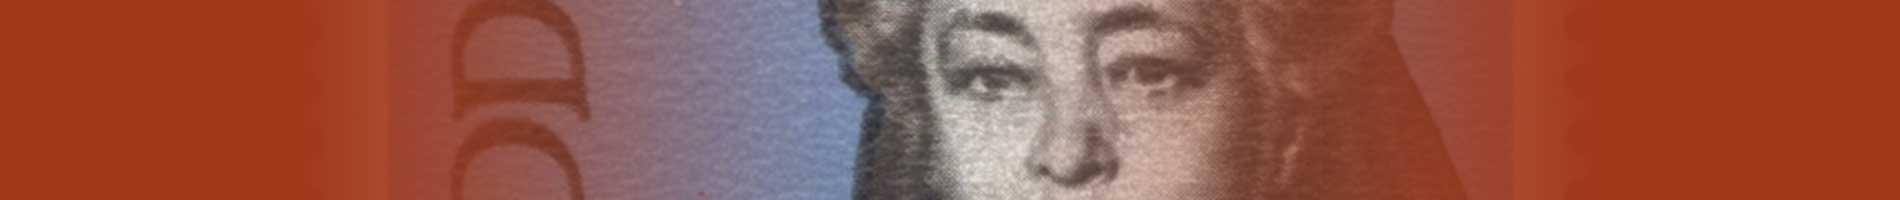 Bertha von Suttner on a stamp